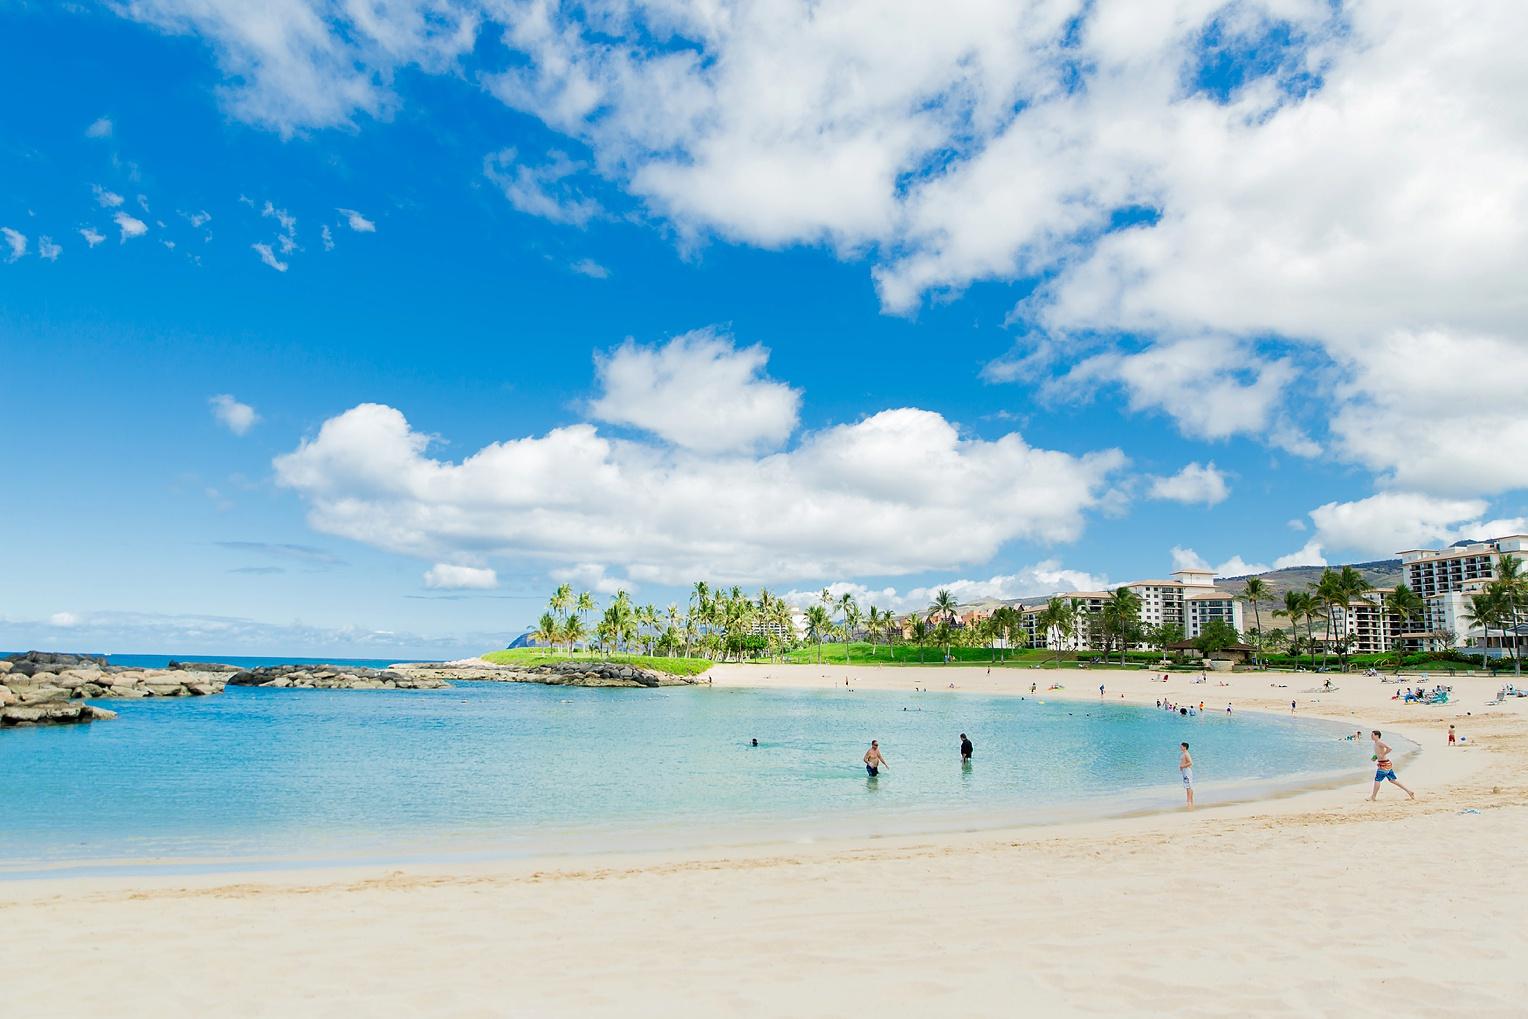 Hawaii Oahu Botanical Gardens Ko'olina Lagoon-9208.jpg